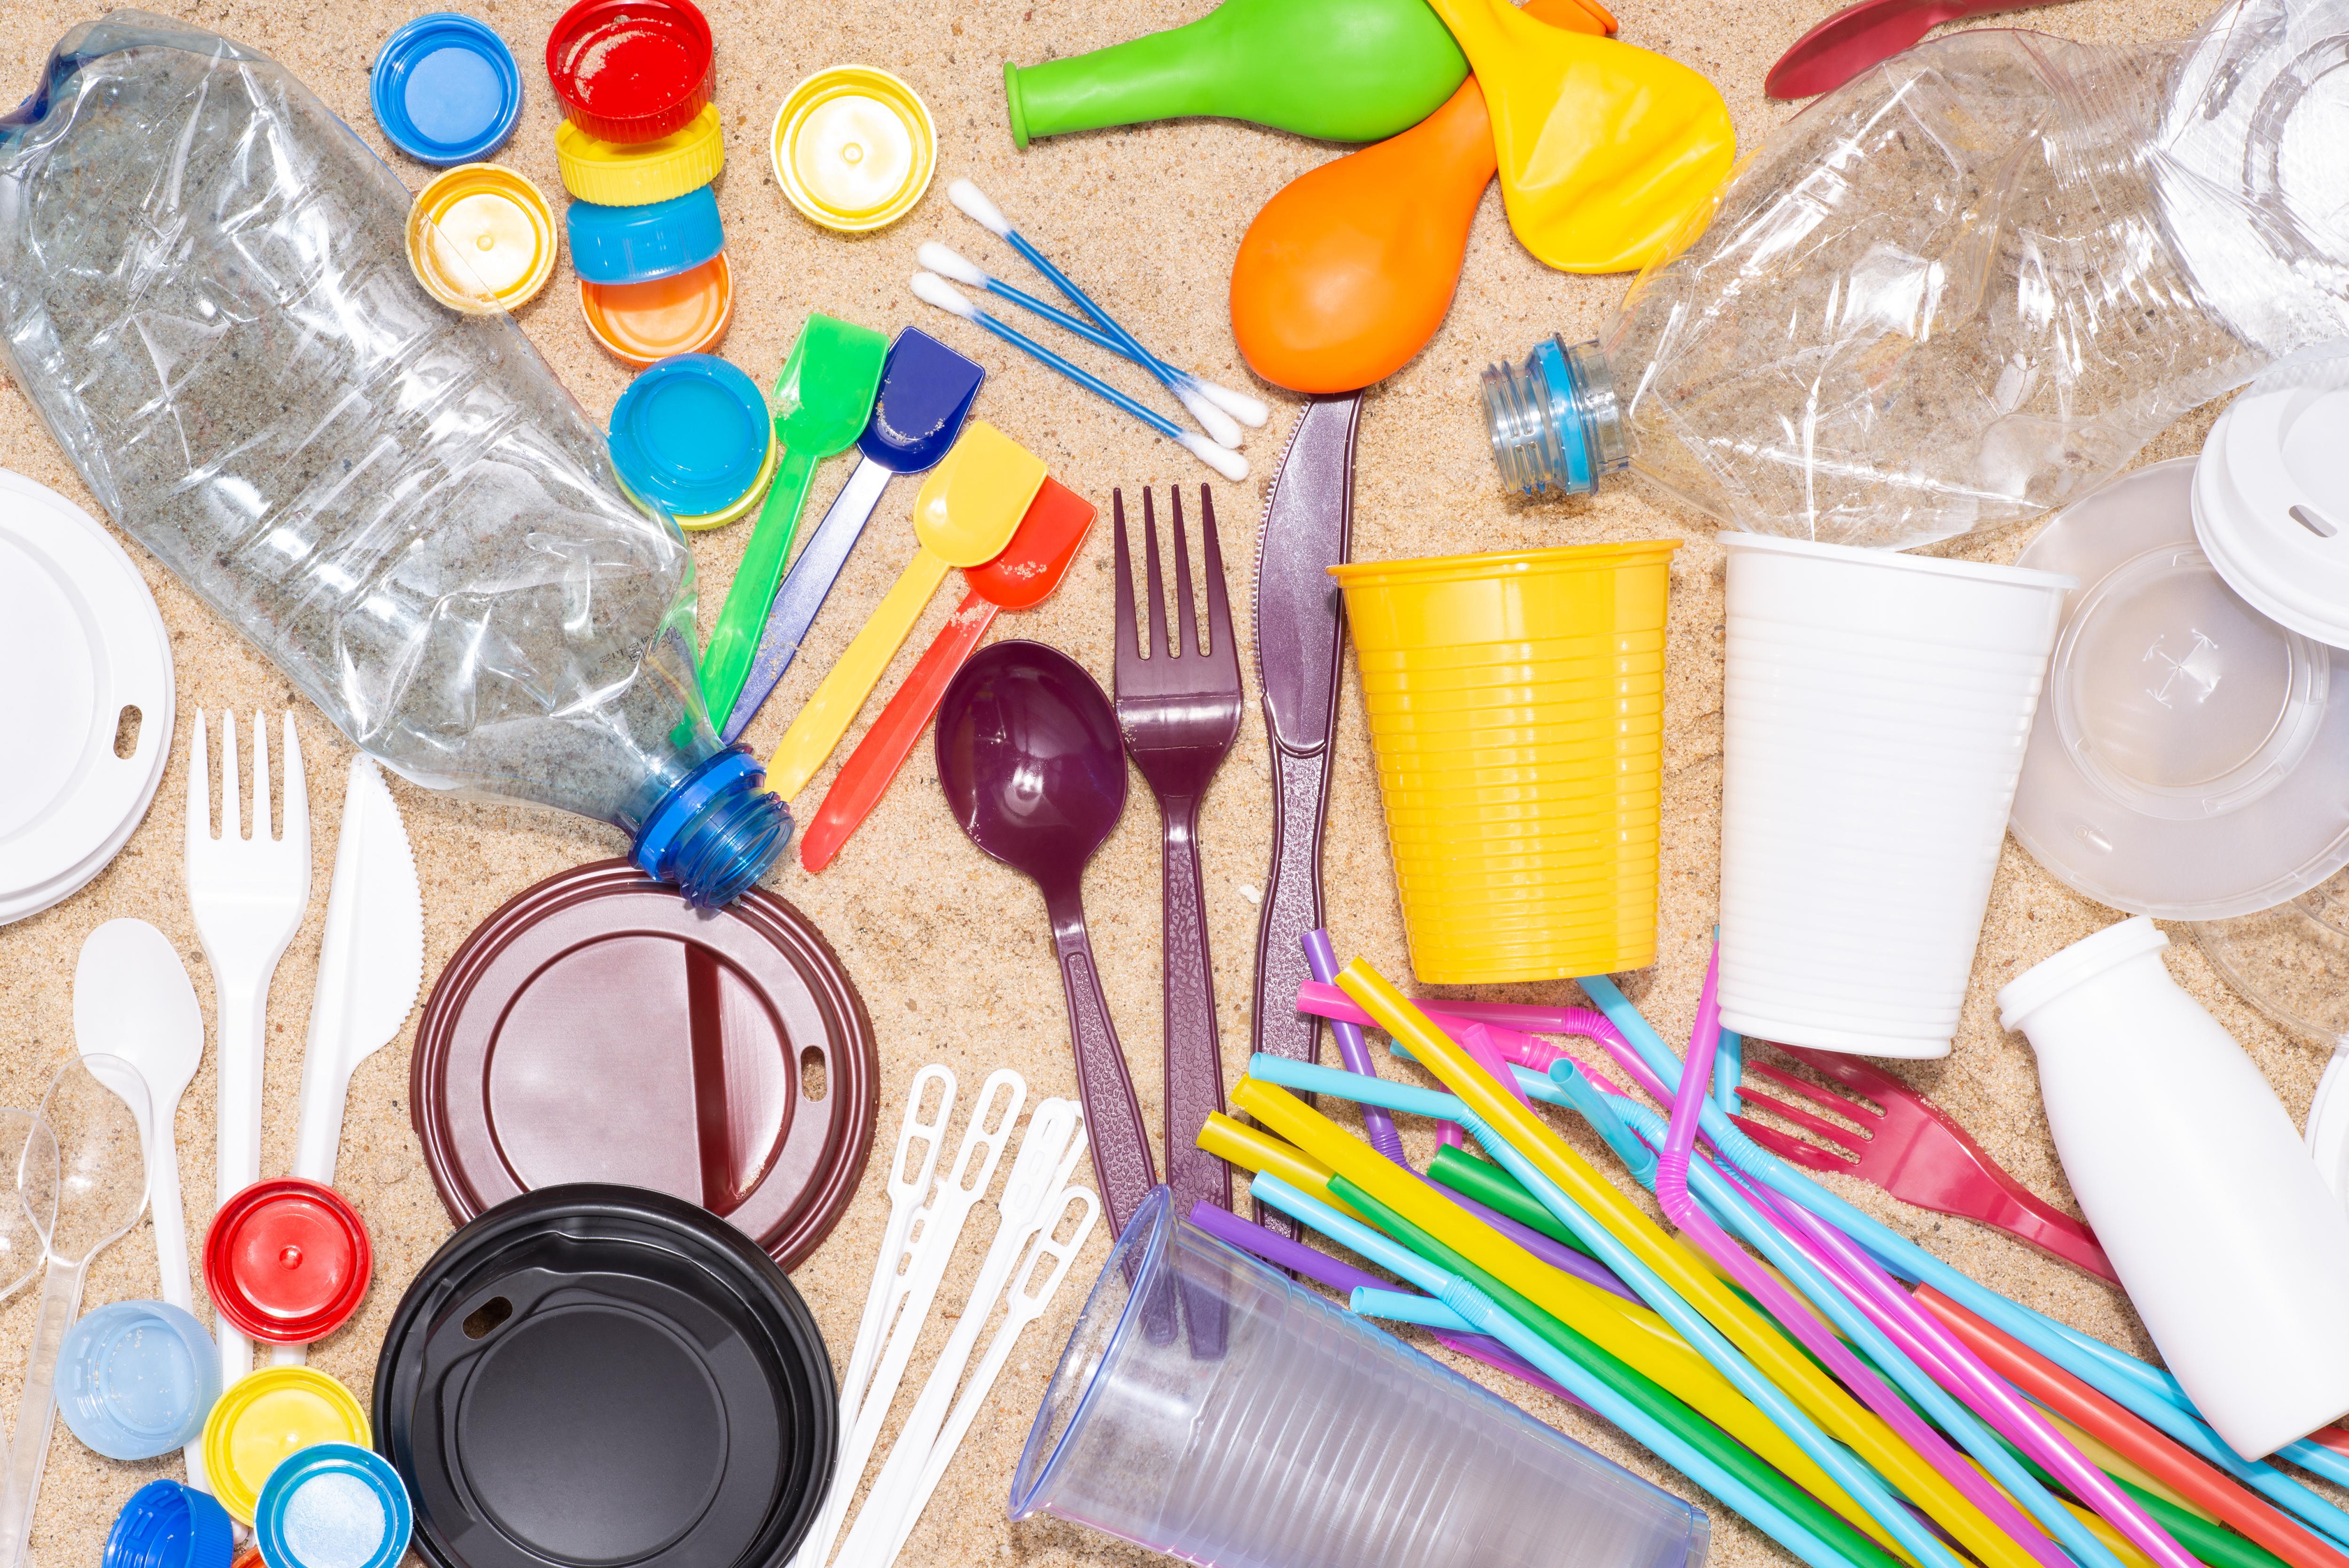 Jak správně třídit odpad a kam co patří